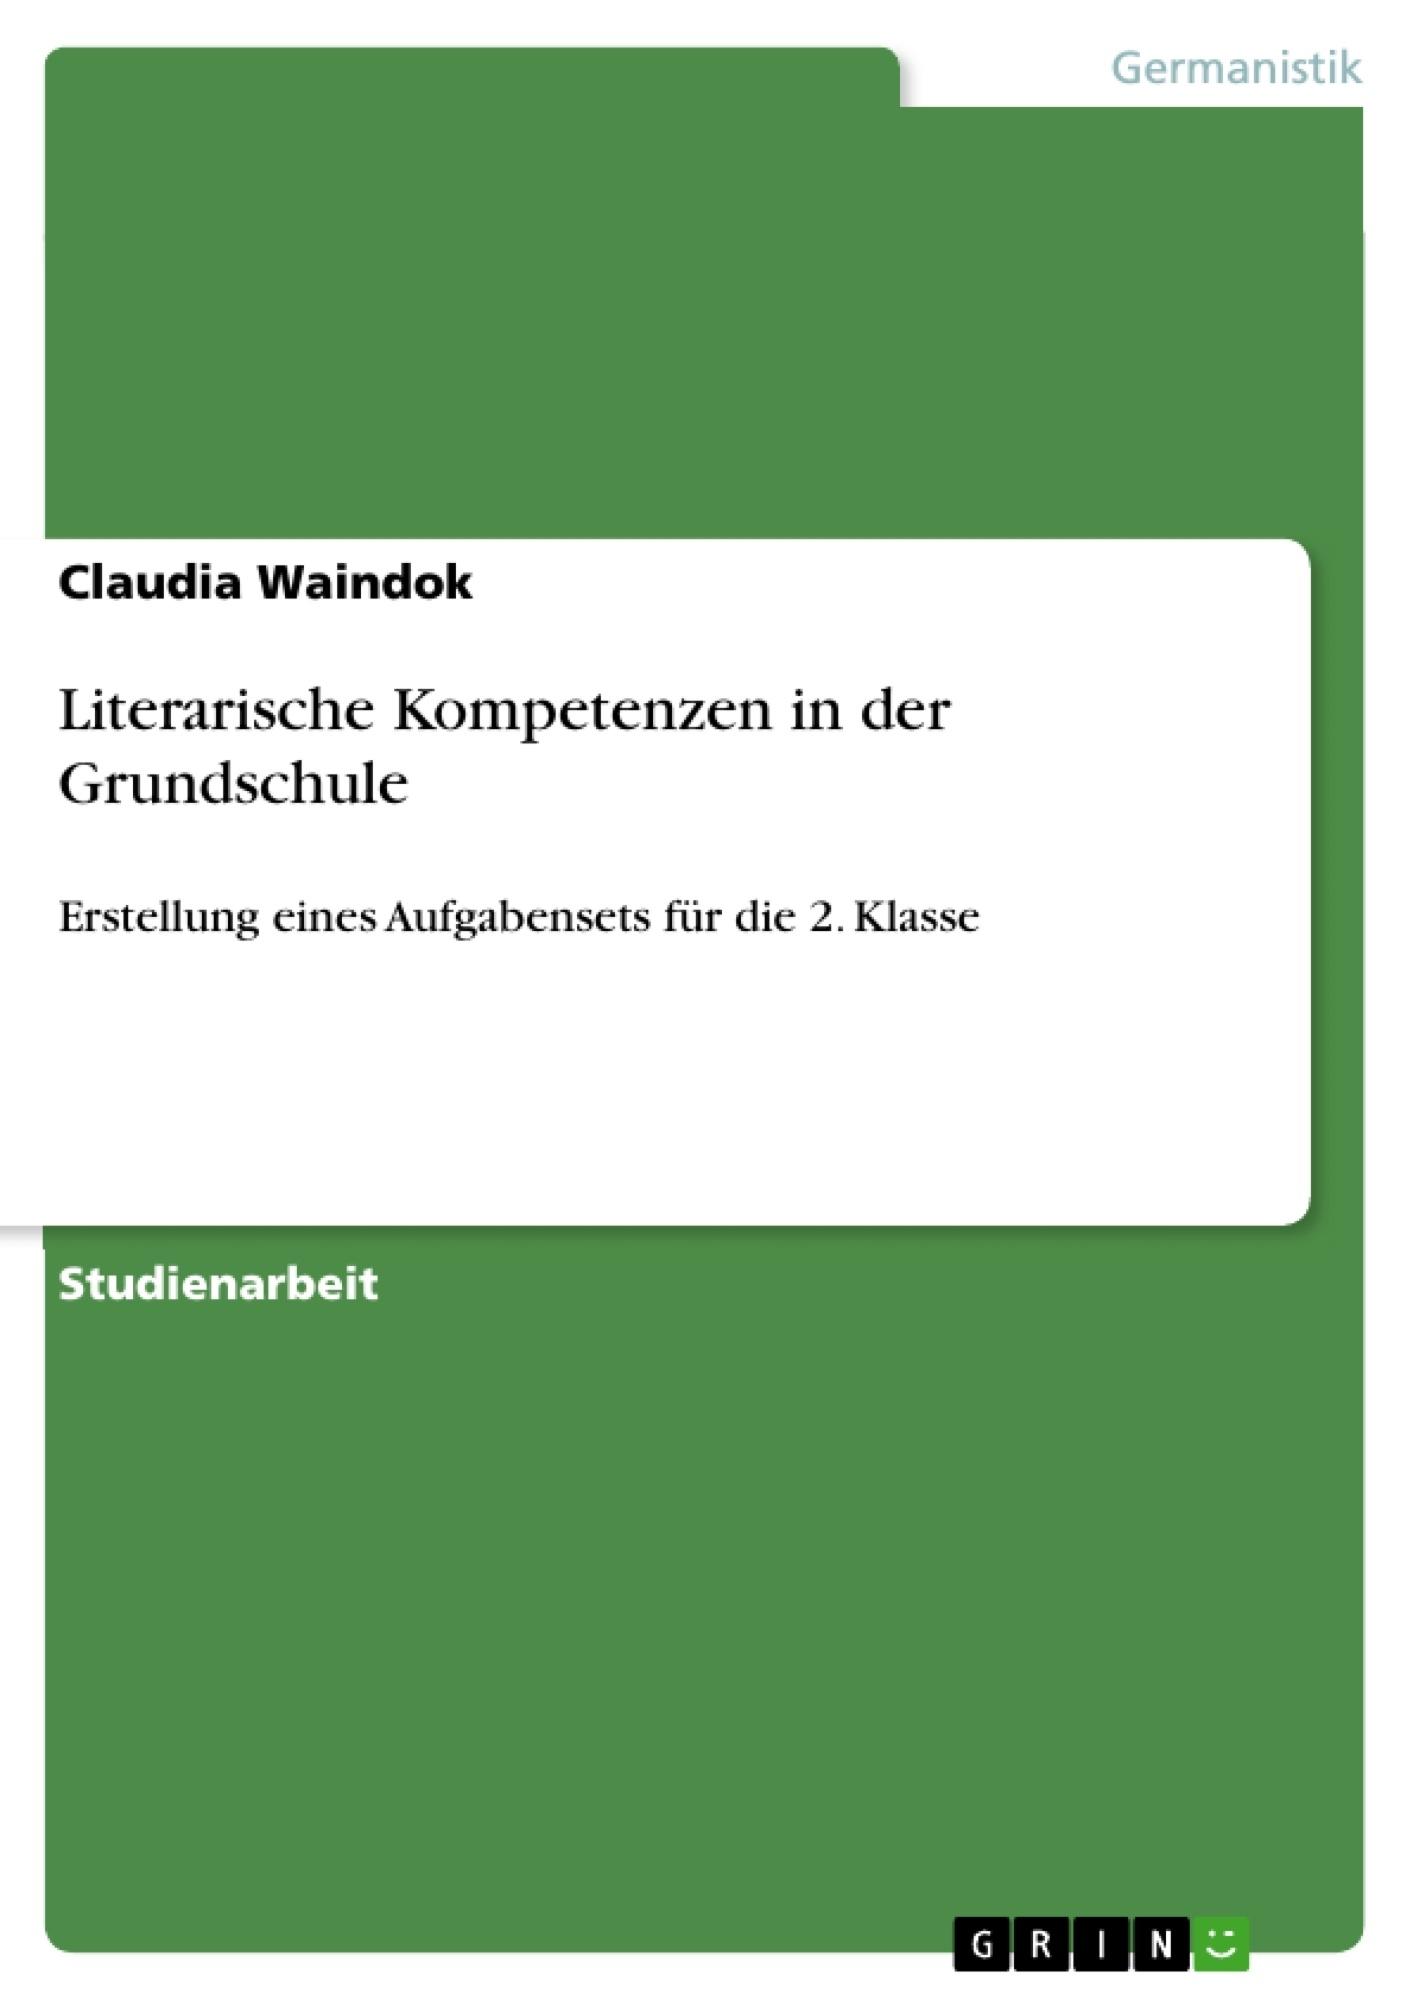 Titel: Literarische Kompetenzen in der Grundschule